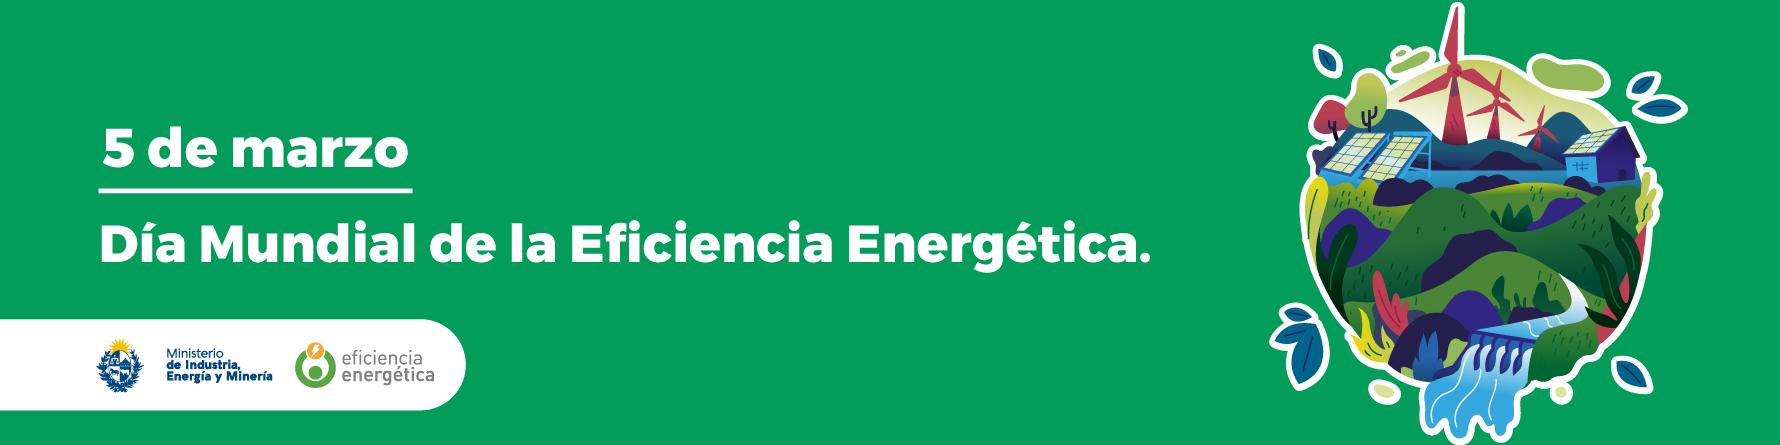 Marzo, mes de la Eficiencia Energética